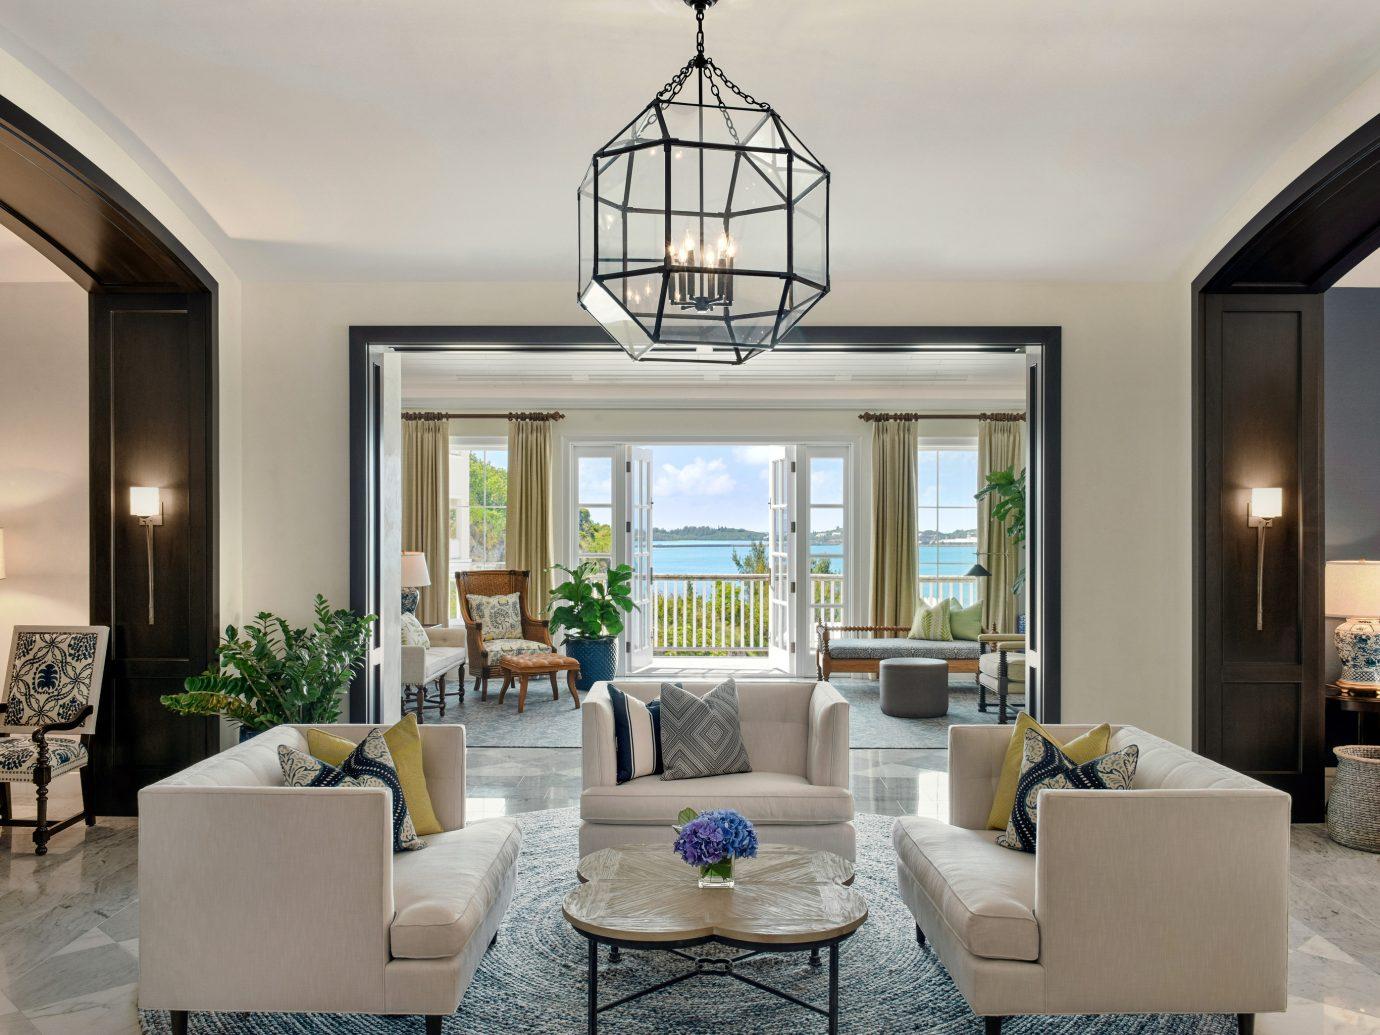 Living room at Rosewood Bermuda